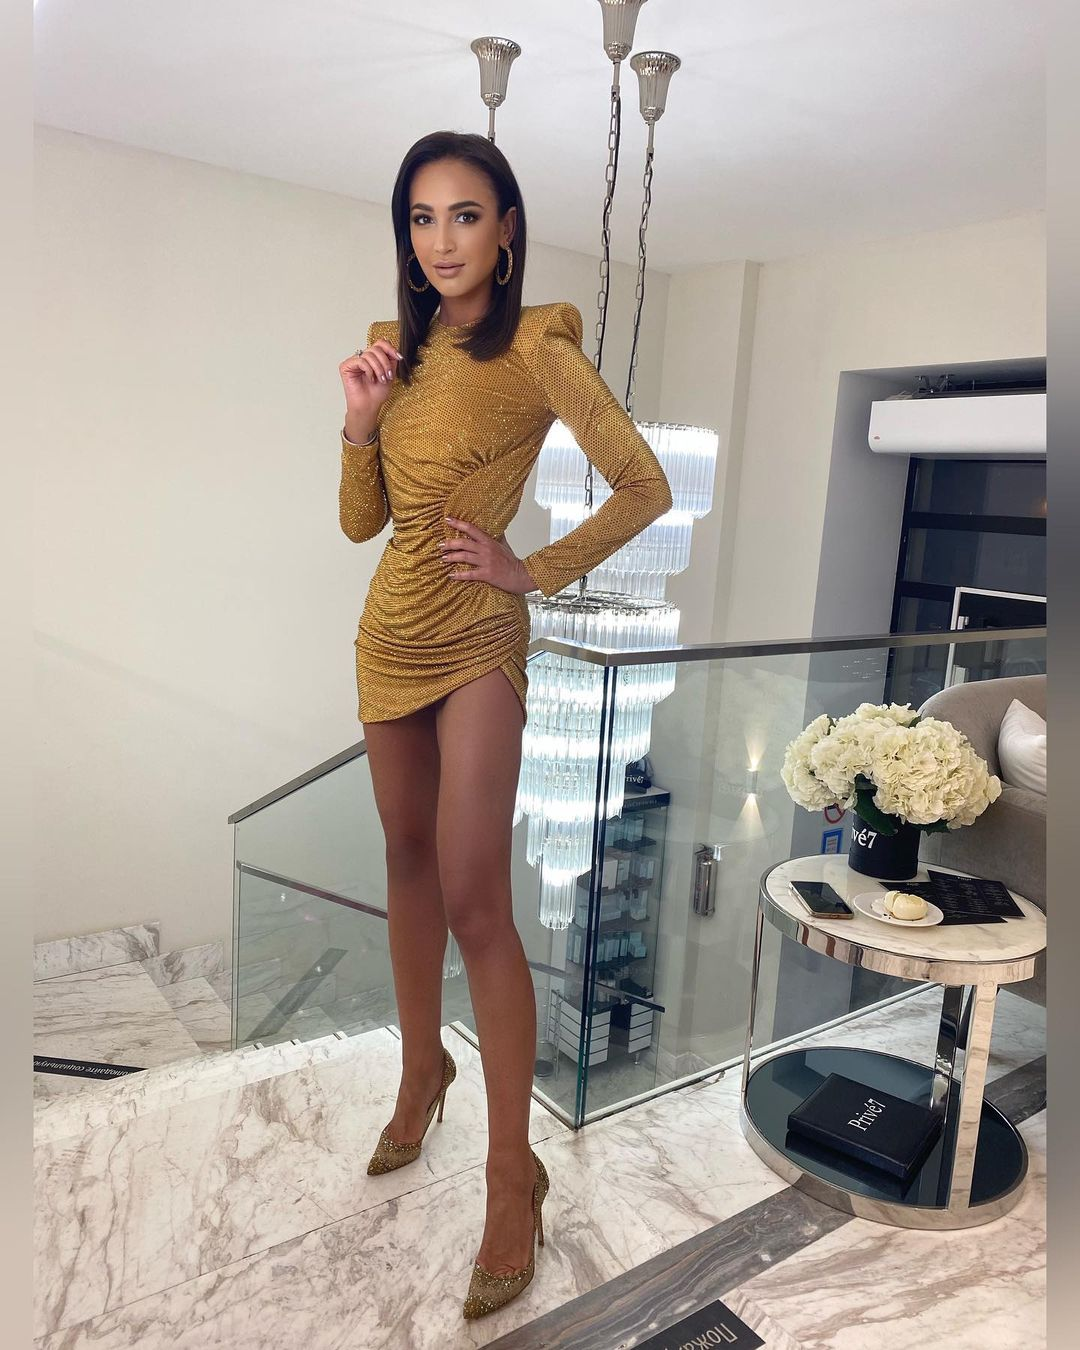 Рейтинг дня: Ольга Бузова отметила день рождения в платье, как у жены Дмитрия Тарасова